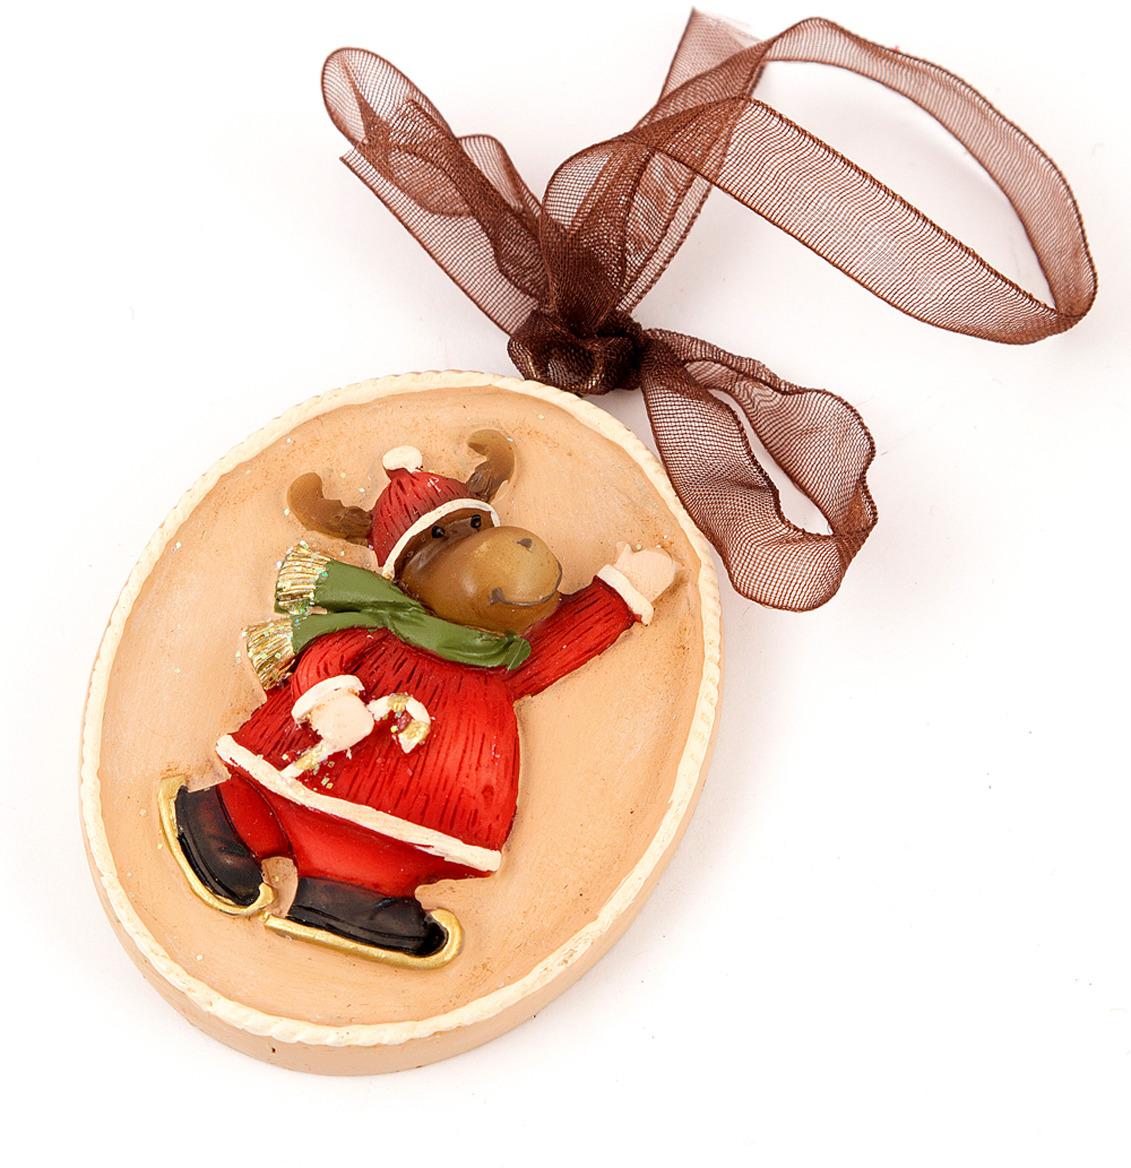 Игрушка ёлочная Русские подарки Лосик, 6 х 6 см елочная игрушка русские подарки шары цвет золотой 6 шт